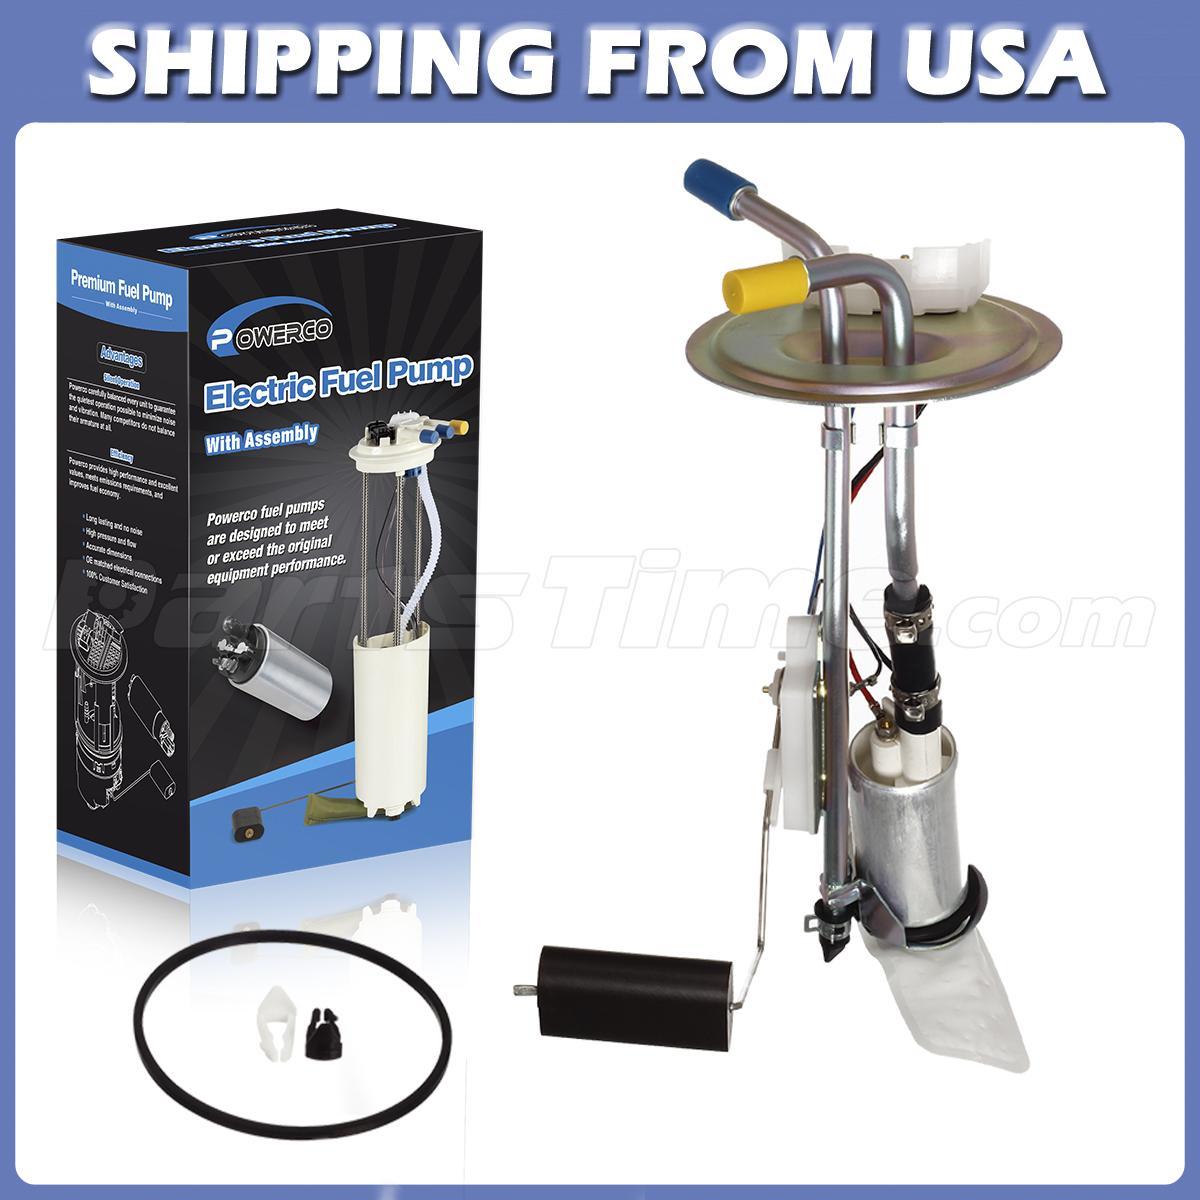 fuel pump module & sending unit for 89 87 ford f 150 f250 f350 w F150 Fuel Pump image is loading fuel pump module amp sending unit for 89 f150 fuel pump location